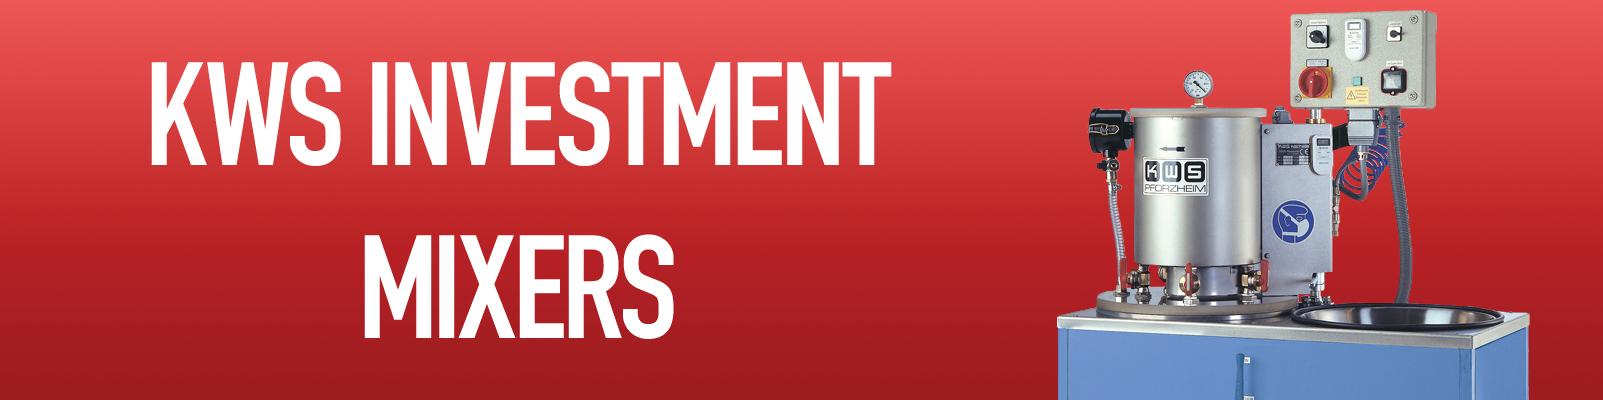 KWS Investment Mixers